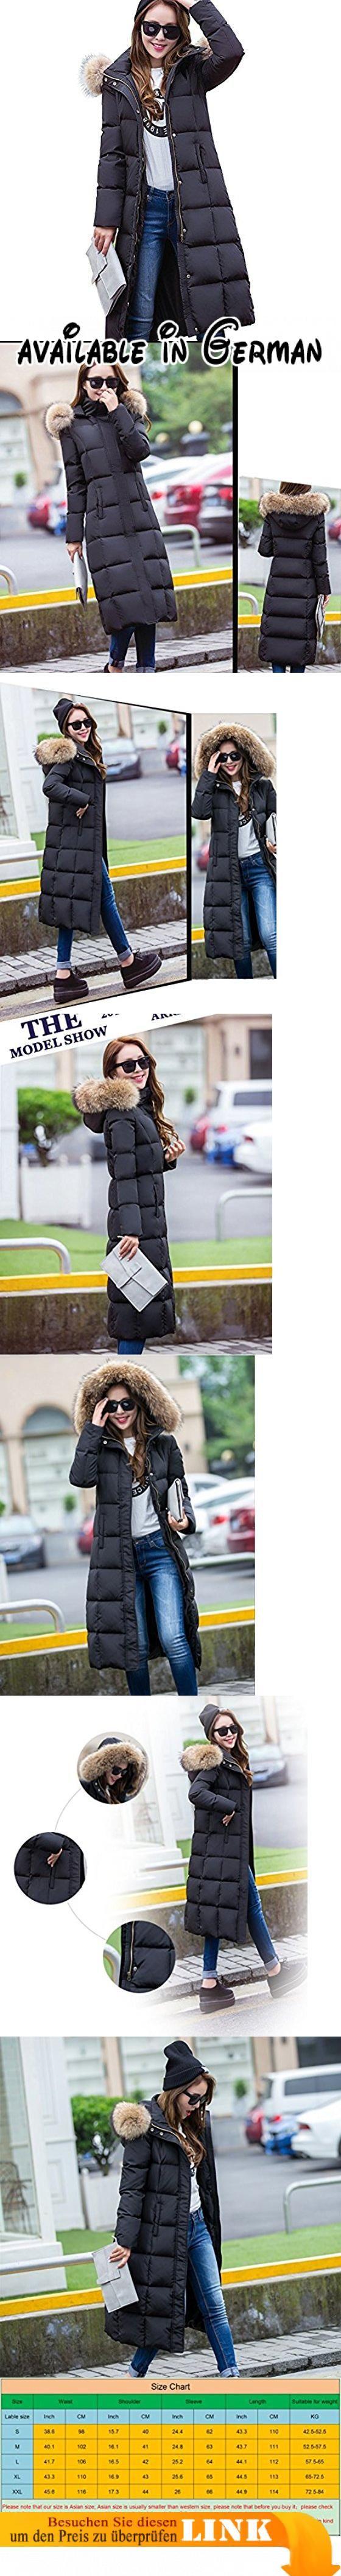 ELEAR® Damen Lange Leichte Daunenjacke Winterjacke Wintermantel Jacken Daunen mit Kapuze unterhalb der Knie Winter S-XXL. 100% neu und hochwertig. Verschluss: Reißverschluss. Leicht und wind glatt bequemes Gefühl. Perfekt Design für Frauen Damen Mädchen. Top-Modisch mit hochwertigen Materialien #Apparel #OUTERWEAR